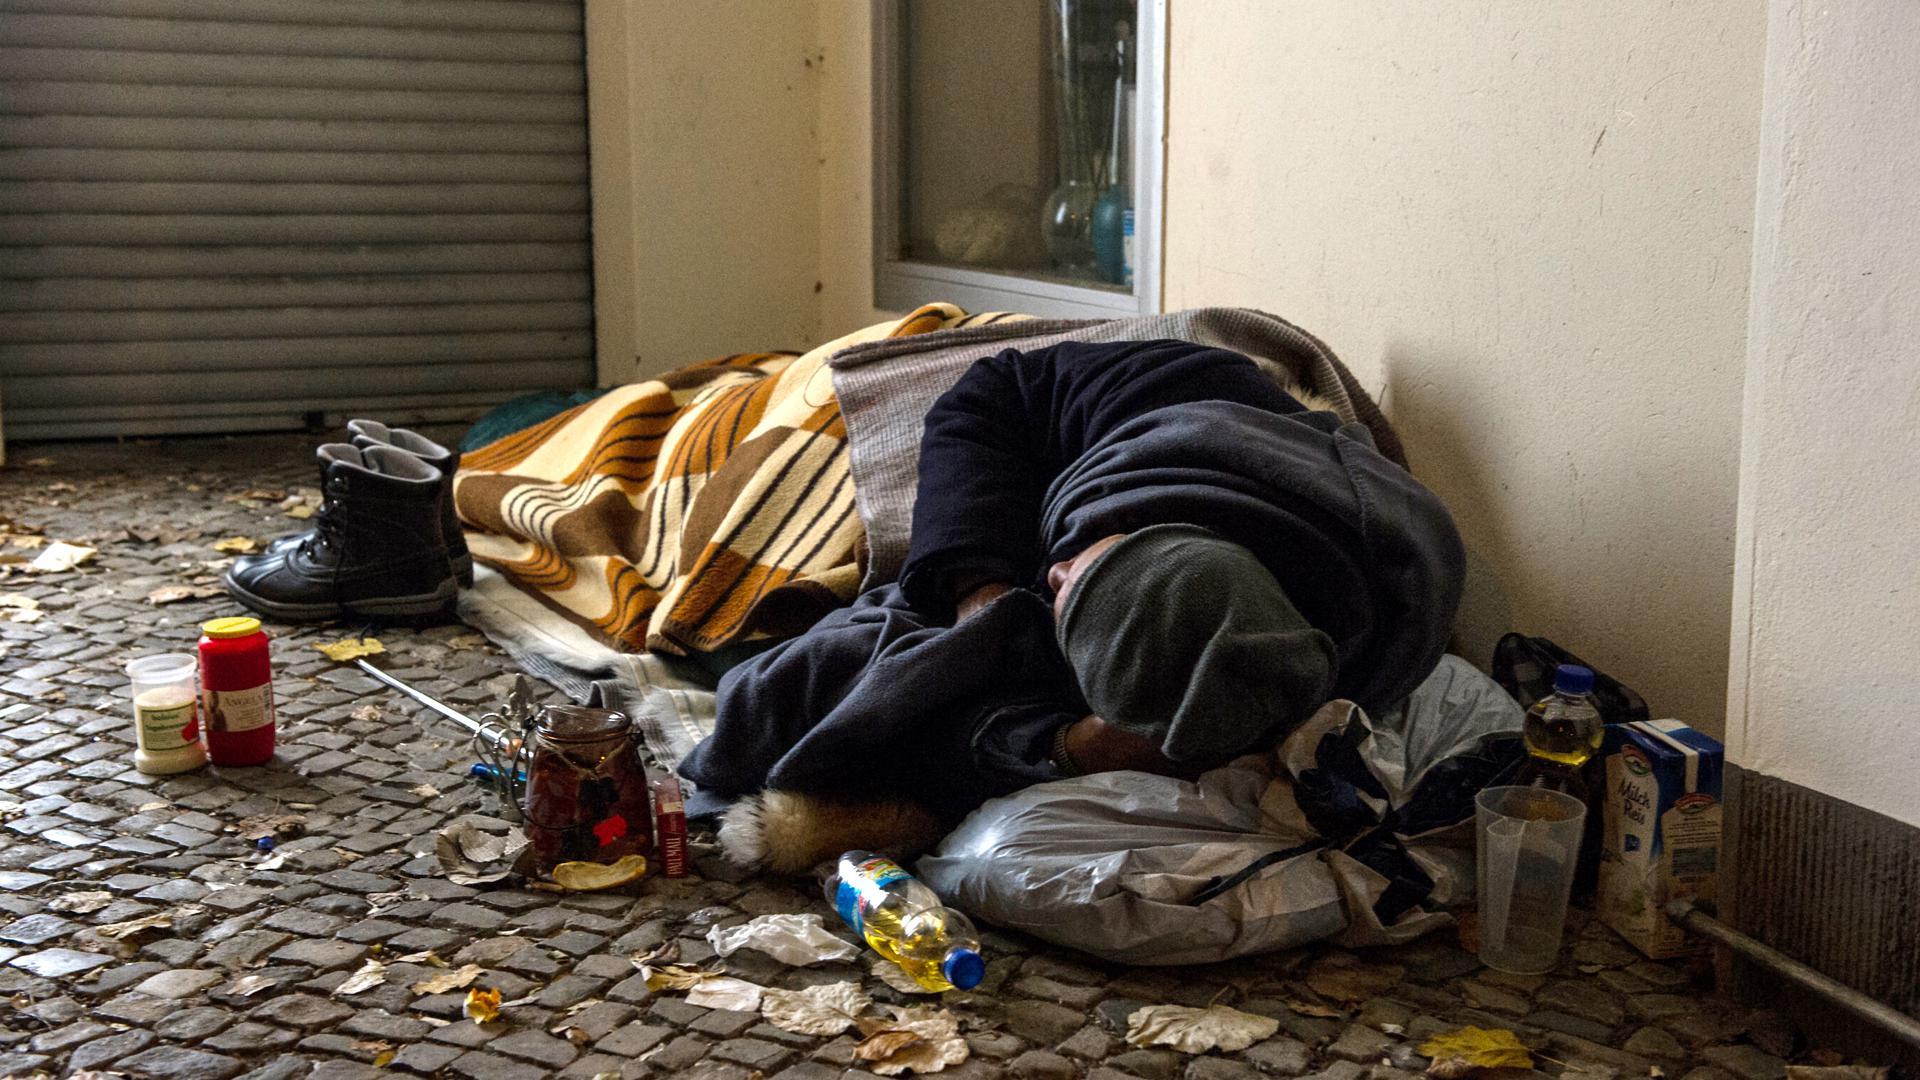 Ein Obdachloser liegt in einem Hauseingang